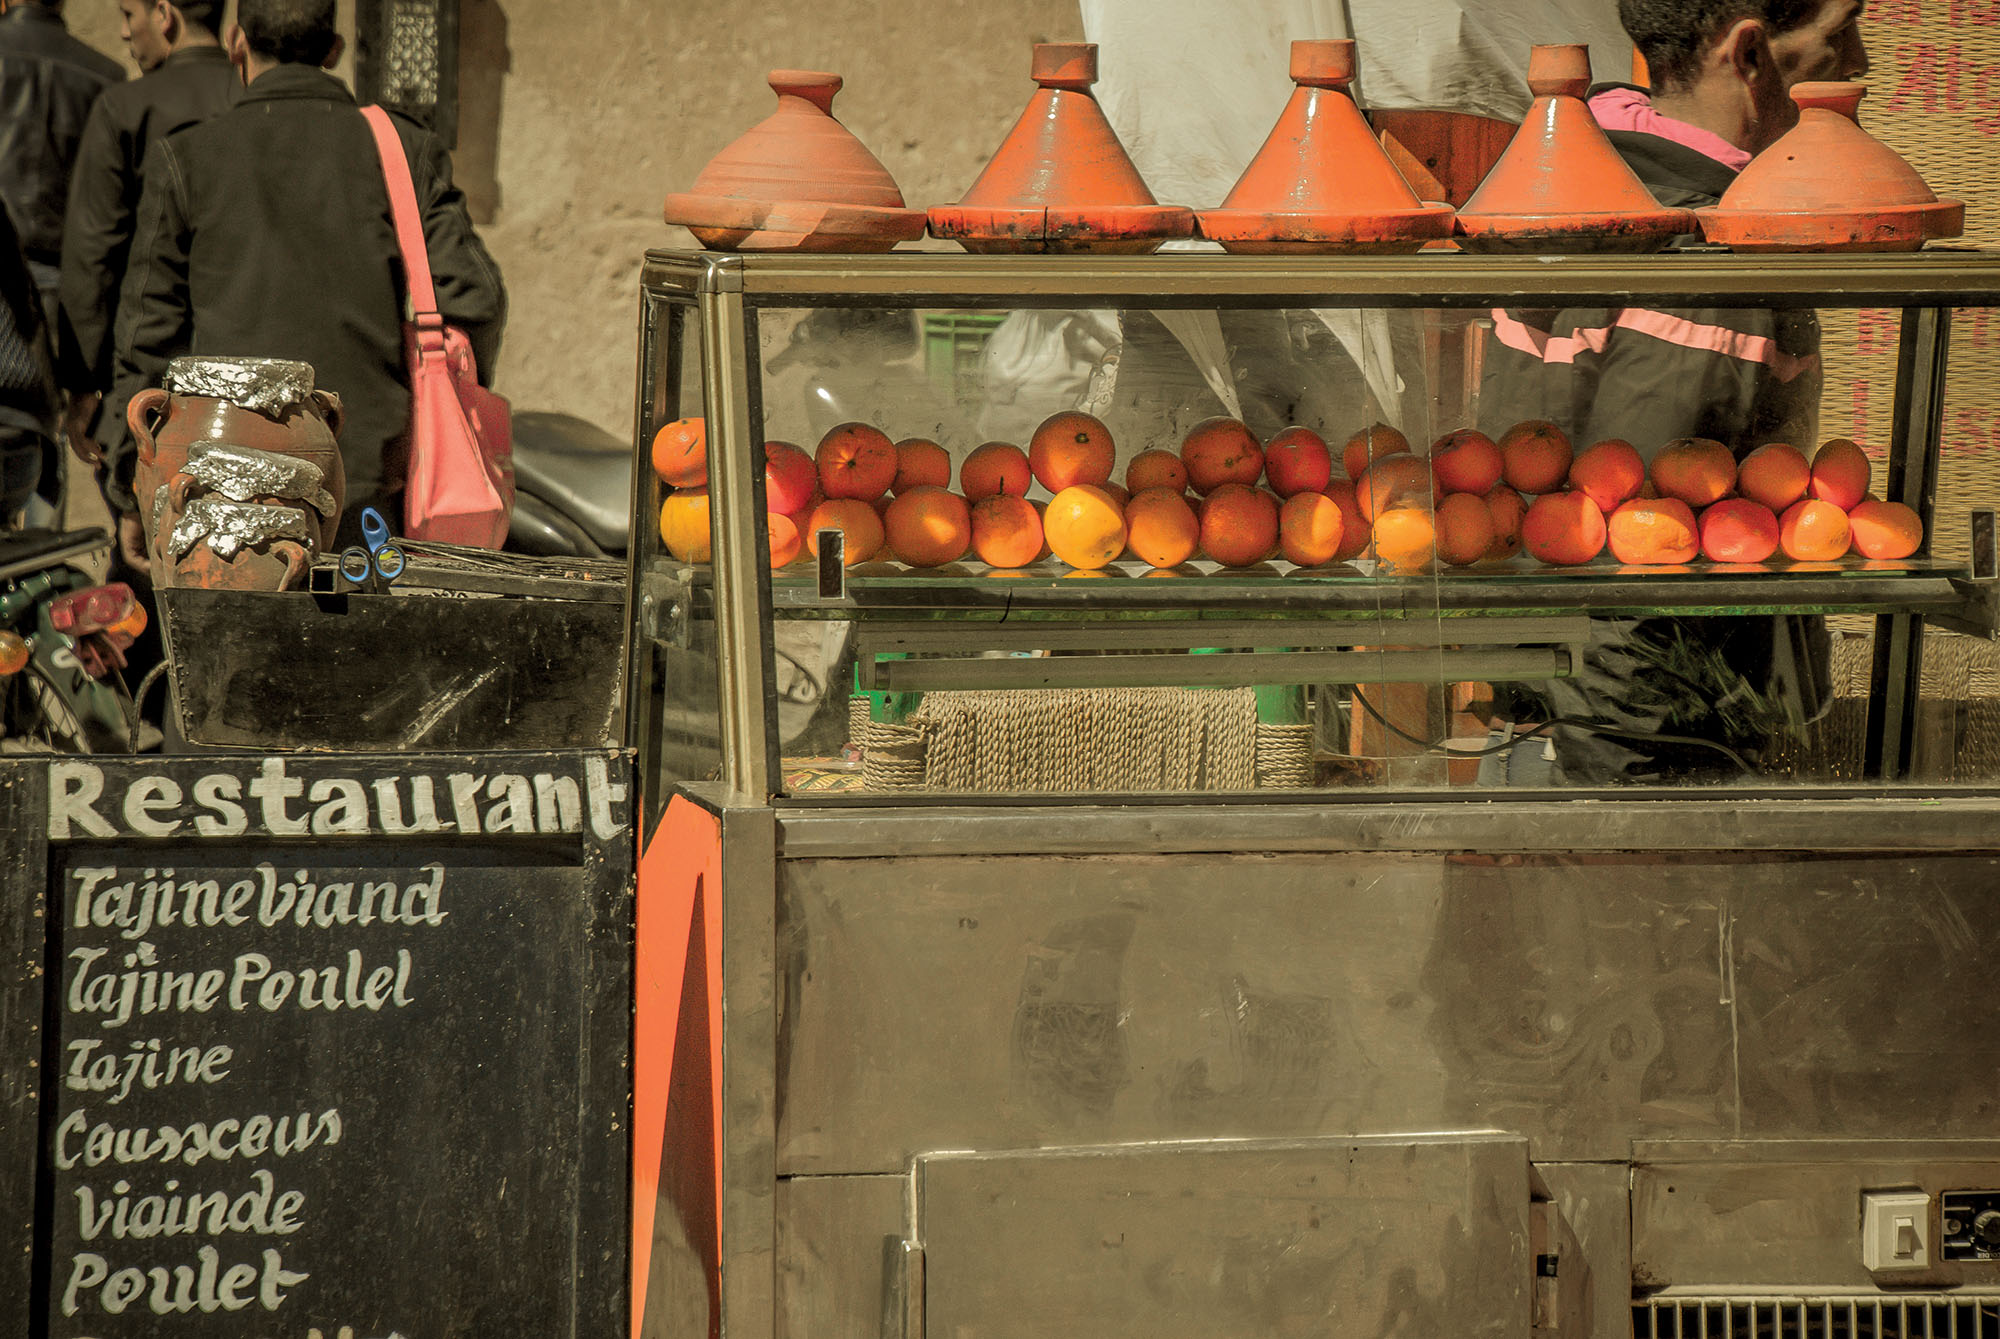 Morocco du lịch một quán ăn ven đường